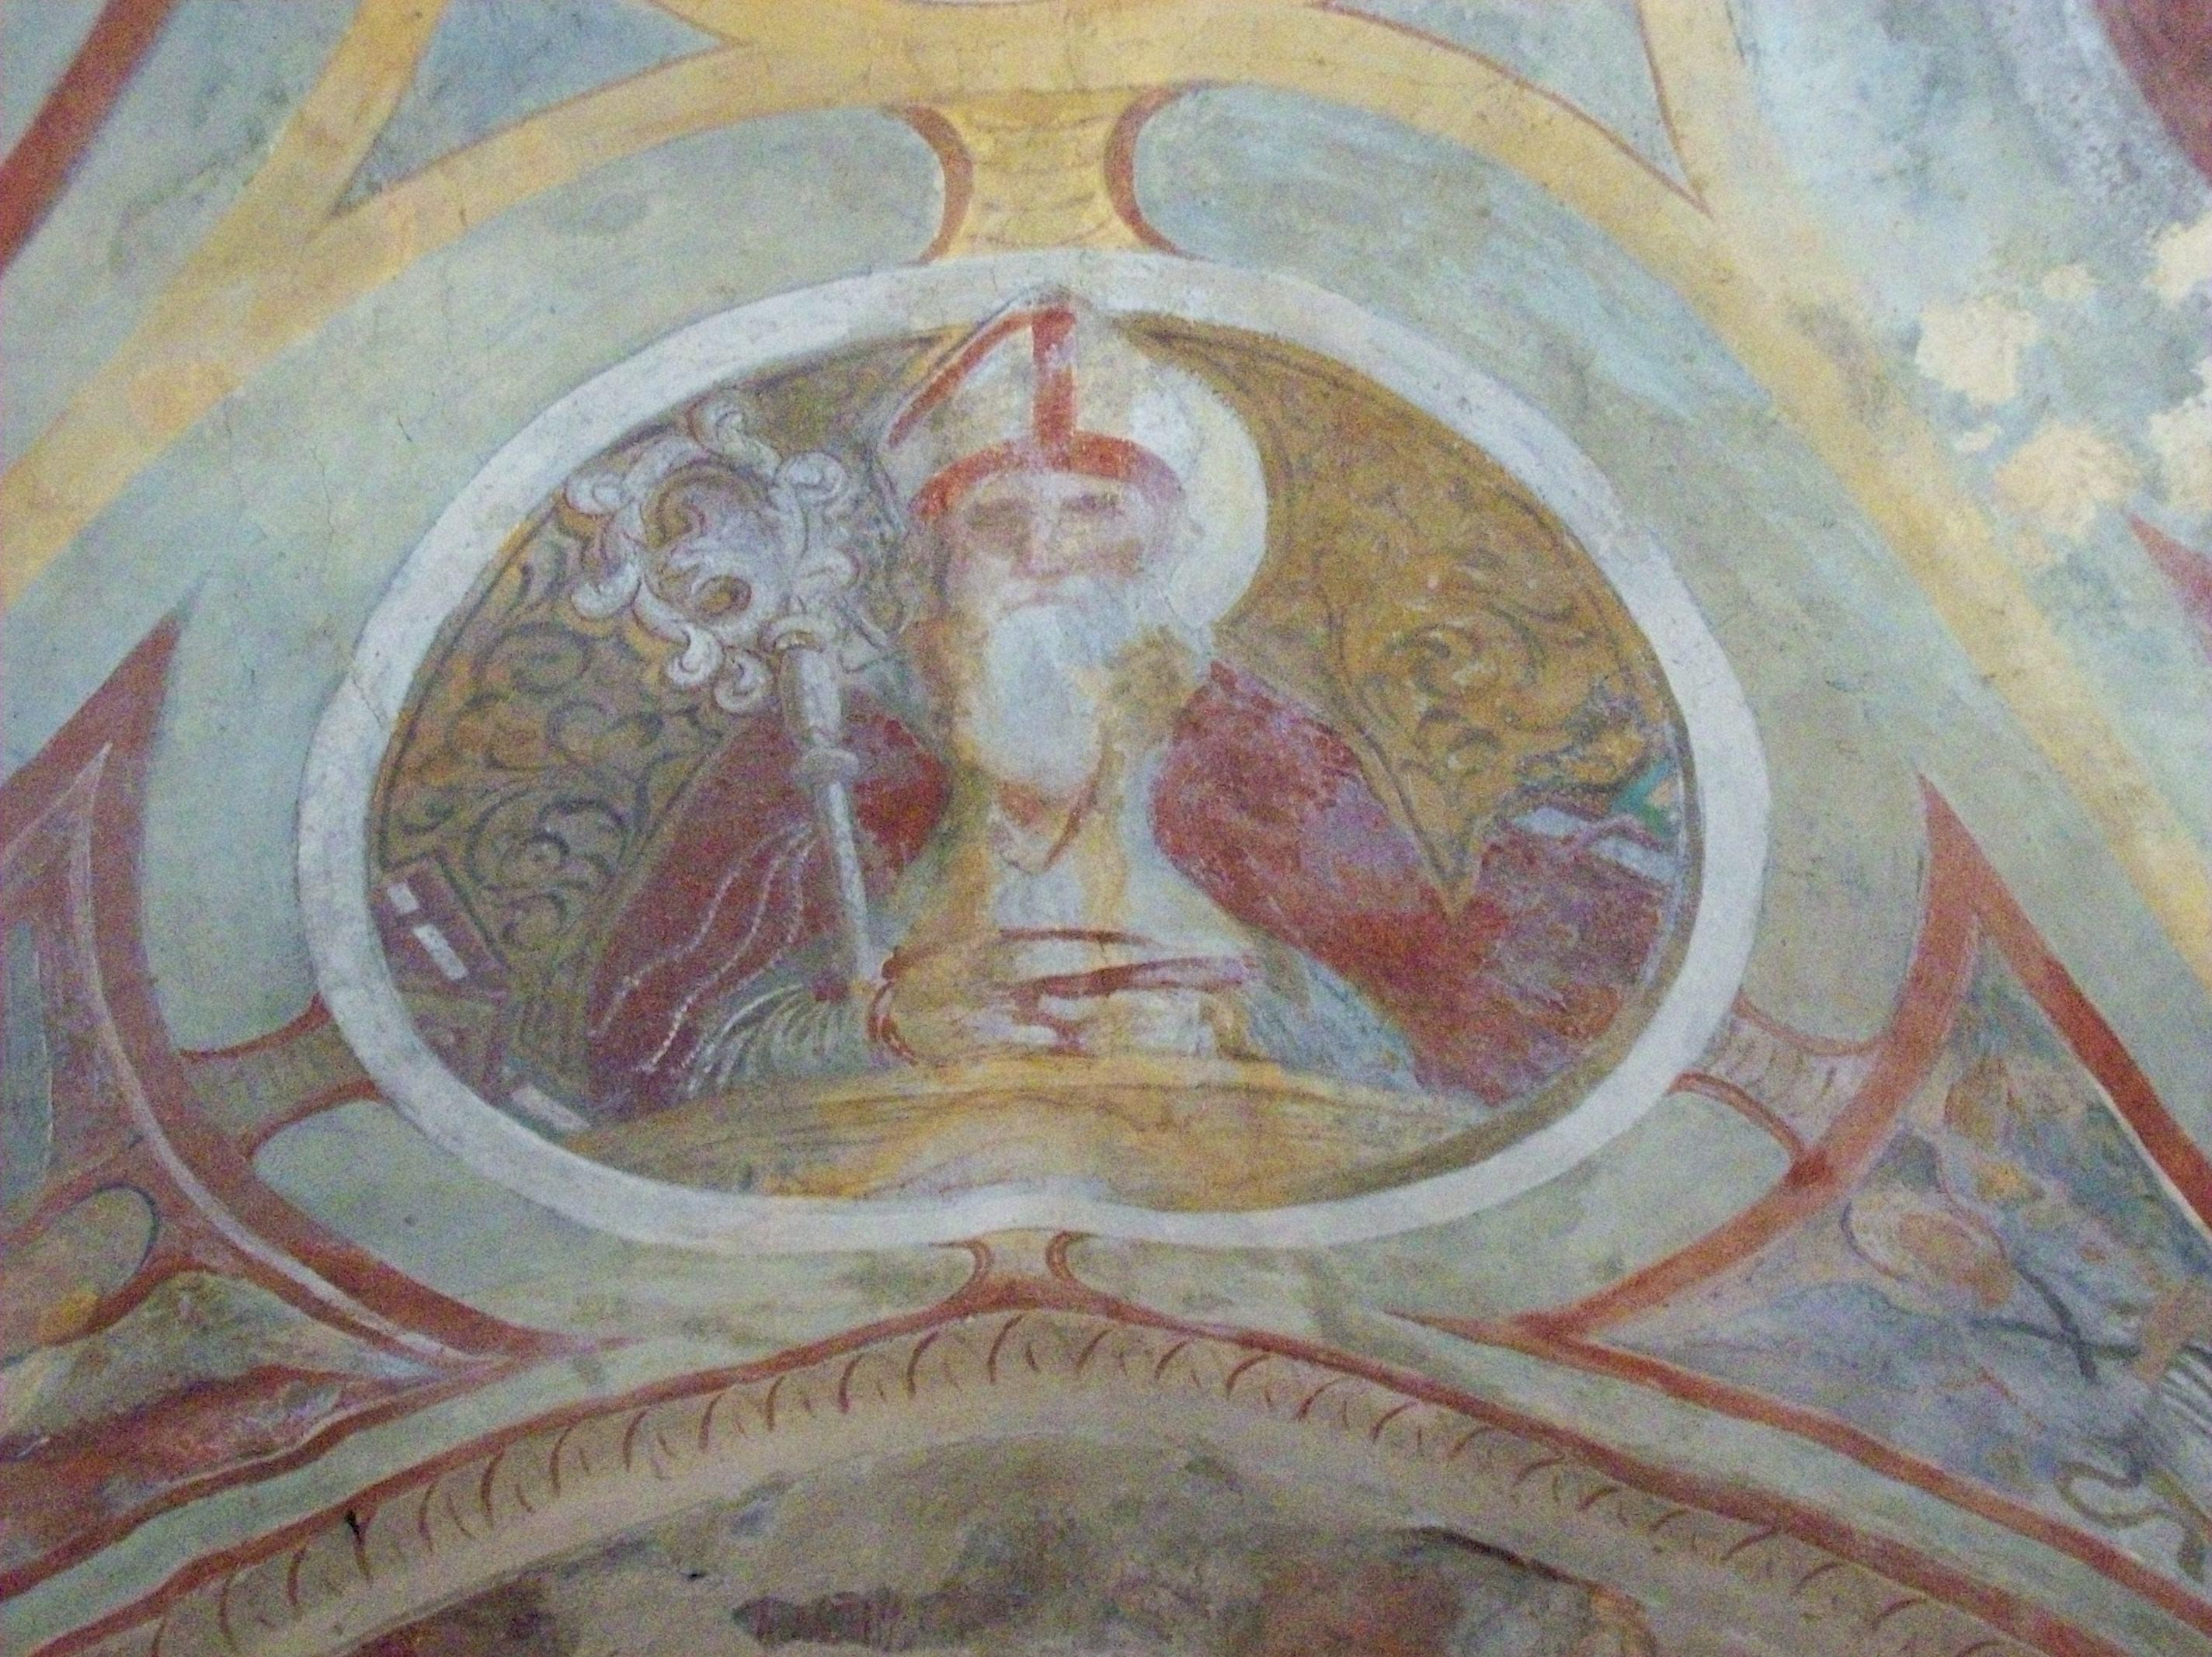 Montovolo, Grizzana Morandi (Bologna, Emilia-Romagna)